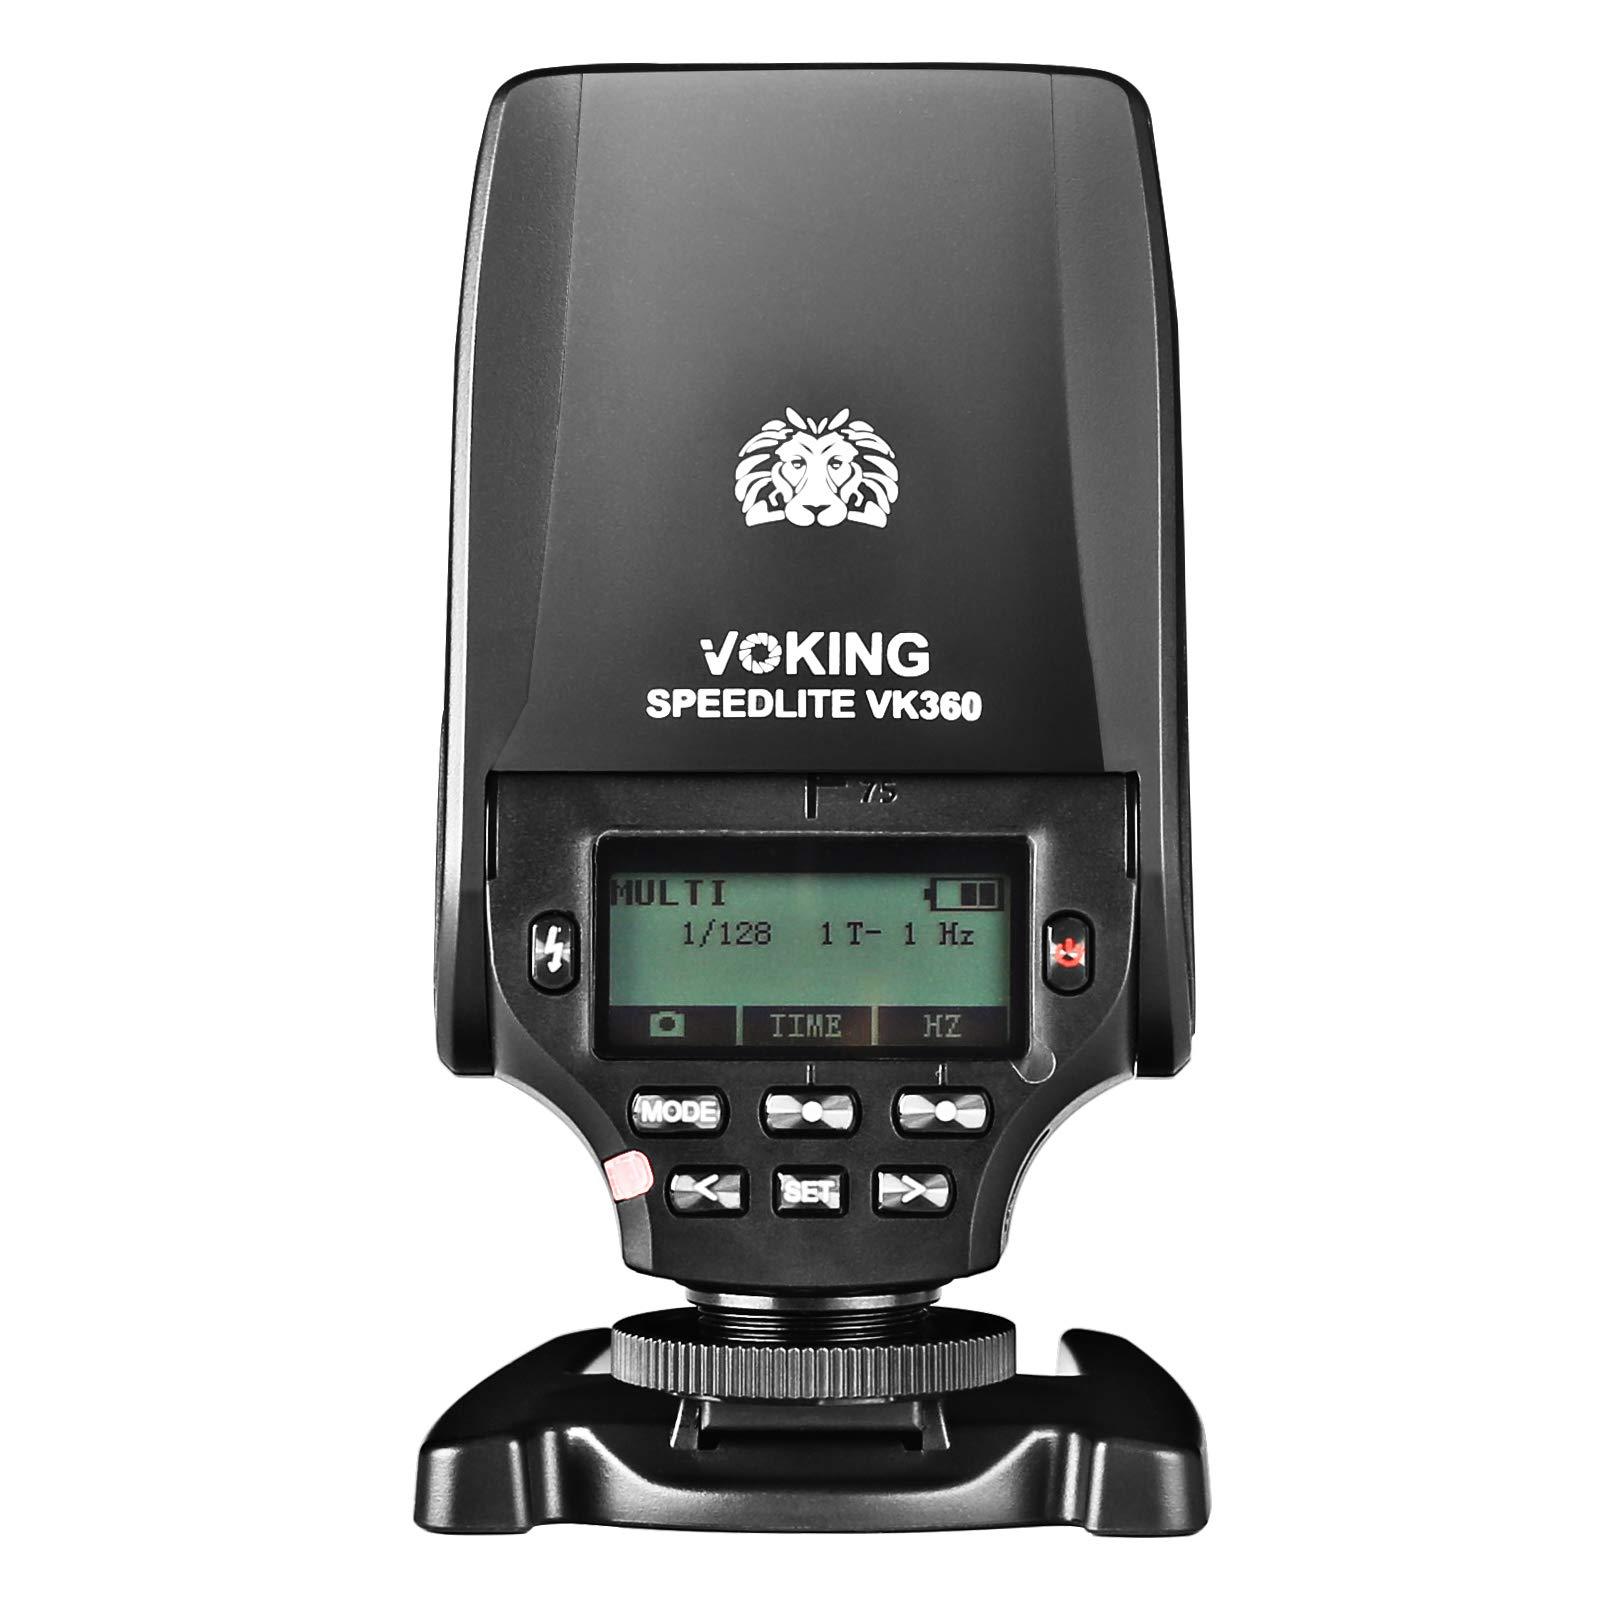 Voking VK360F TTL Master HSS Flash Speedlite for FujiFilm Hot Shoe Cameras X-E3 X-T3 X-T1 X-T2 X-T3 X-T4 X-T10 X-T20 X-T100 X-M1 X100s X-T200